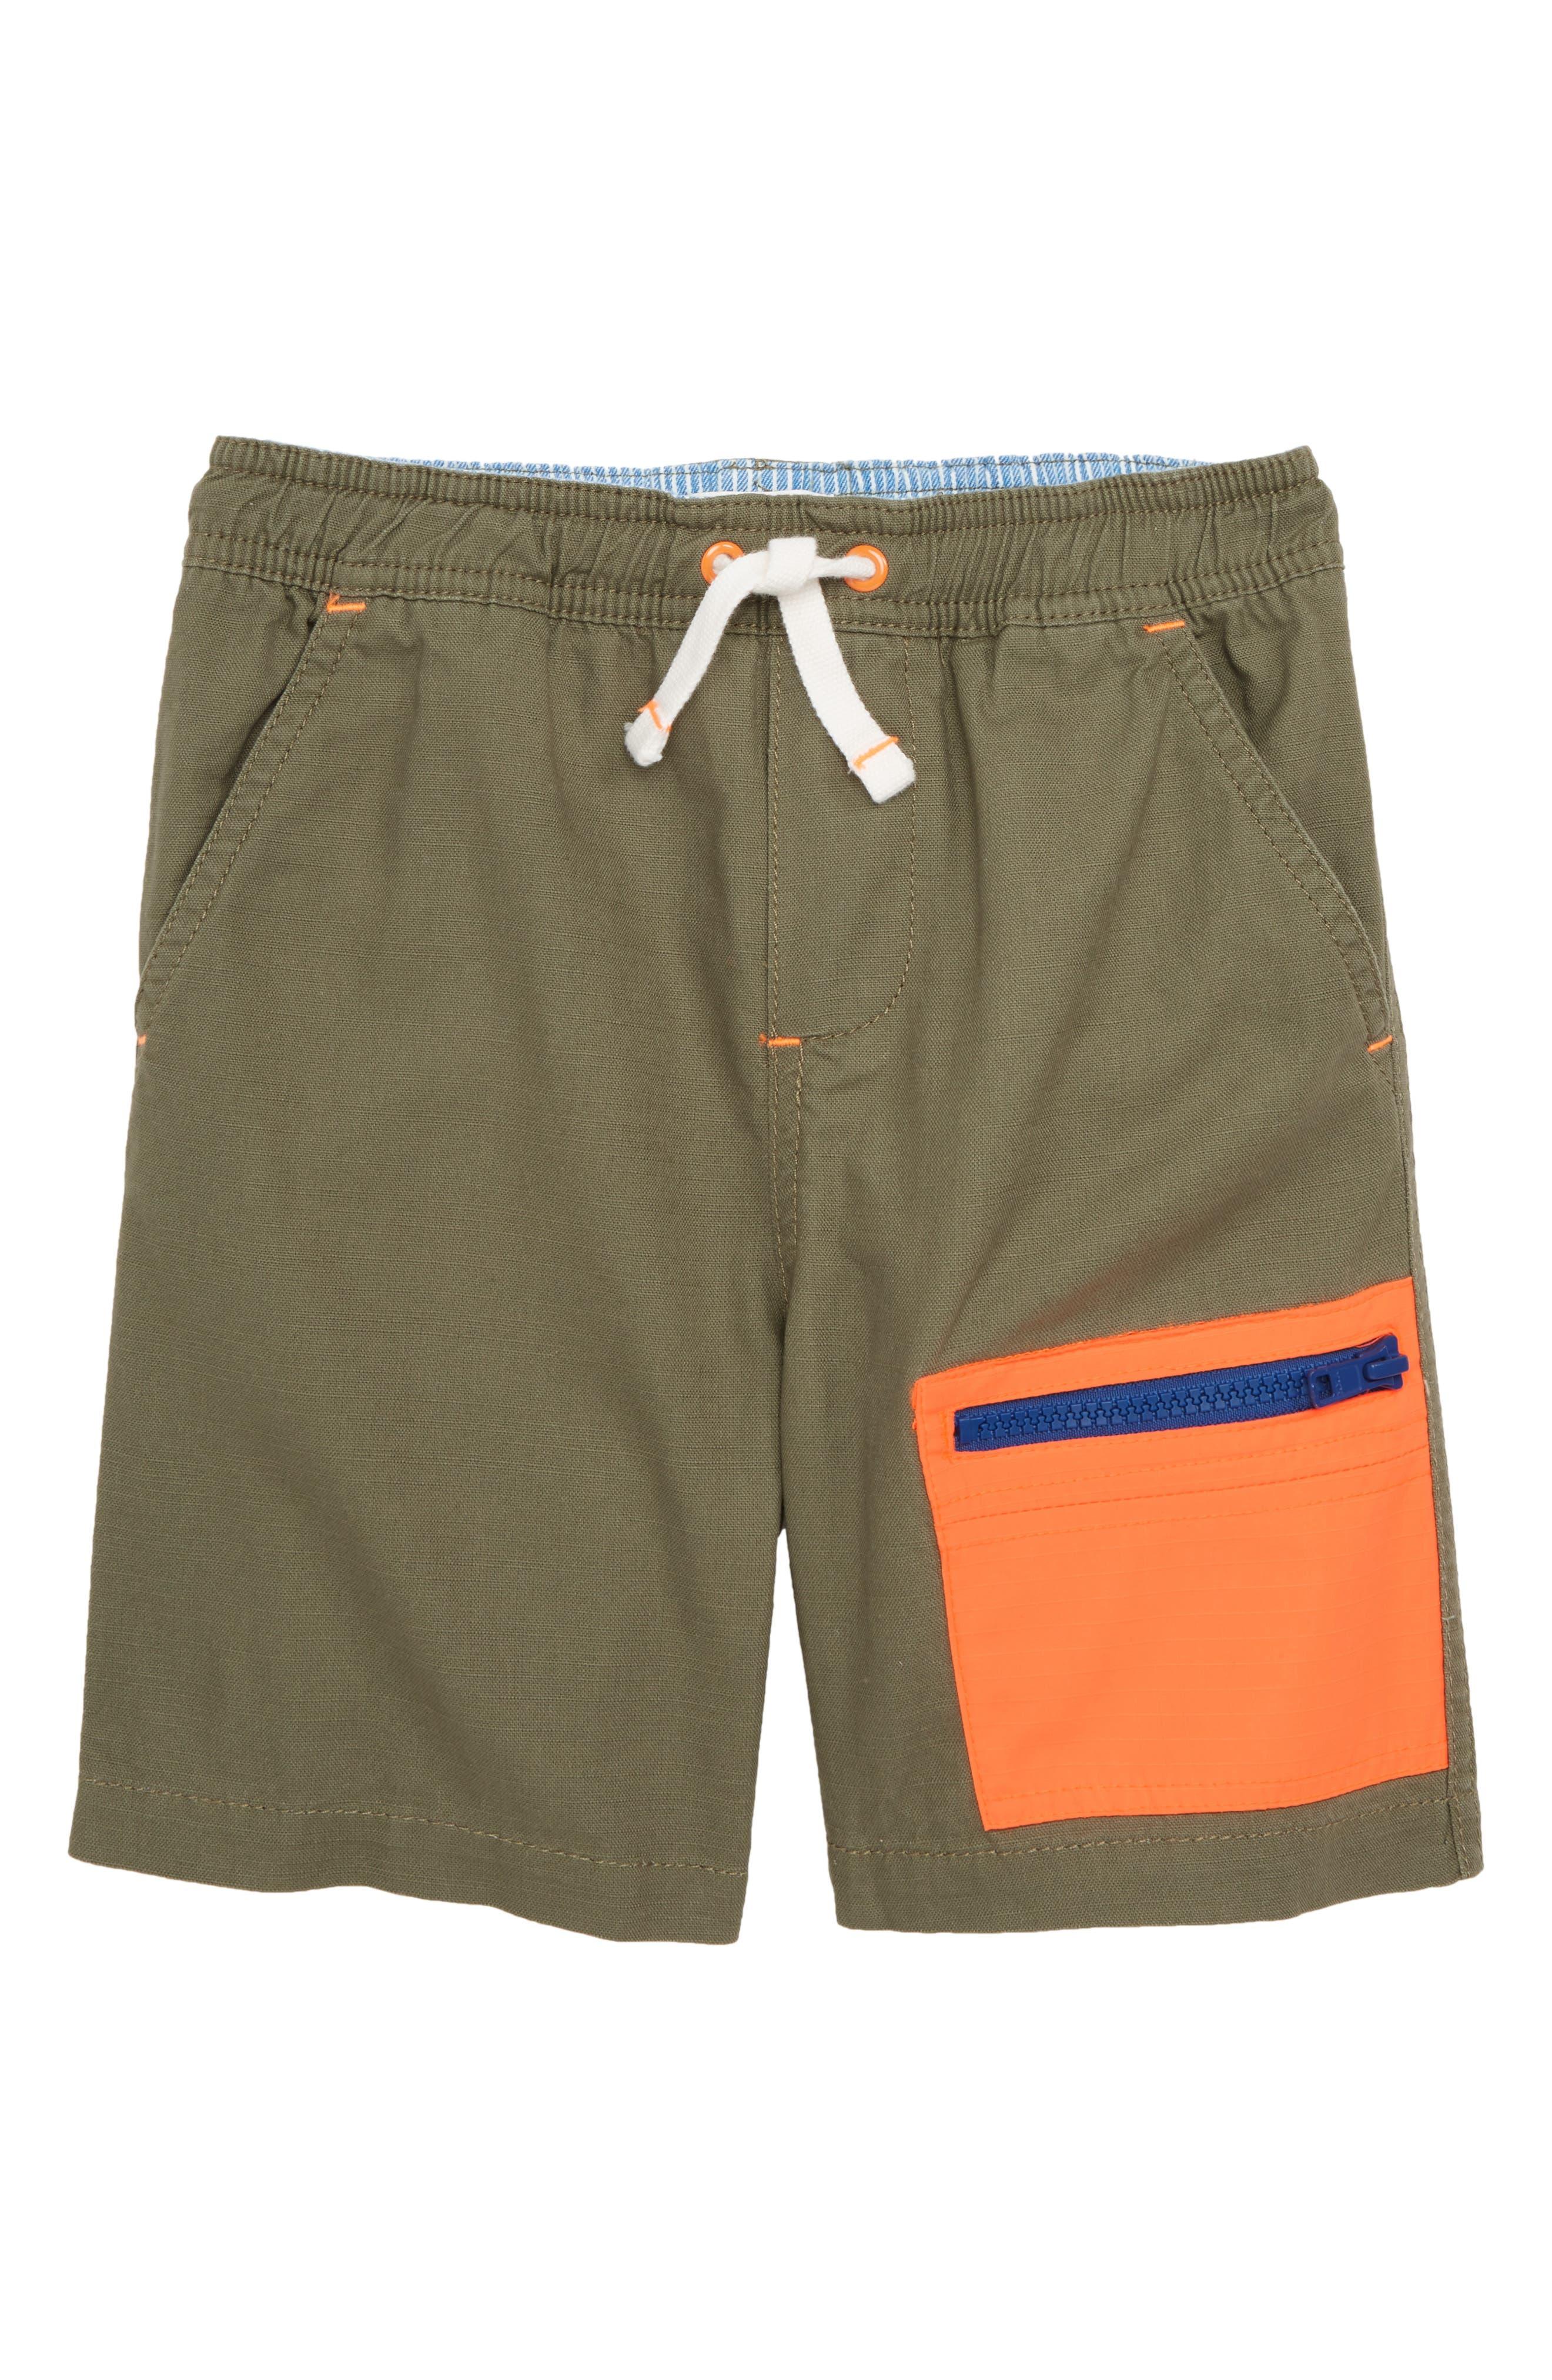 MINI BODEN,                             Colorblock Shorts,                             Main thumbnail 1, color,                             304